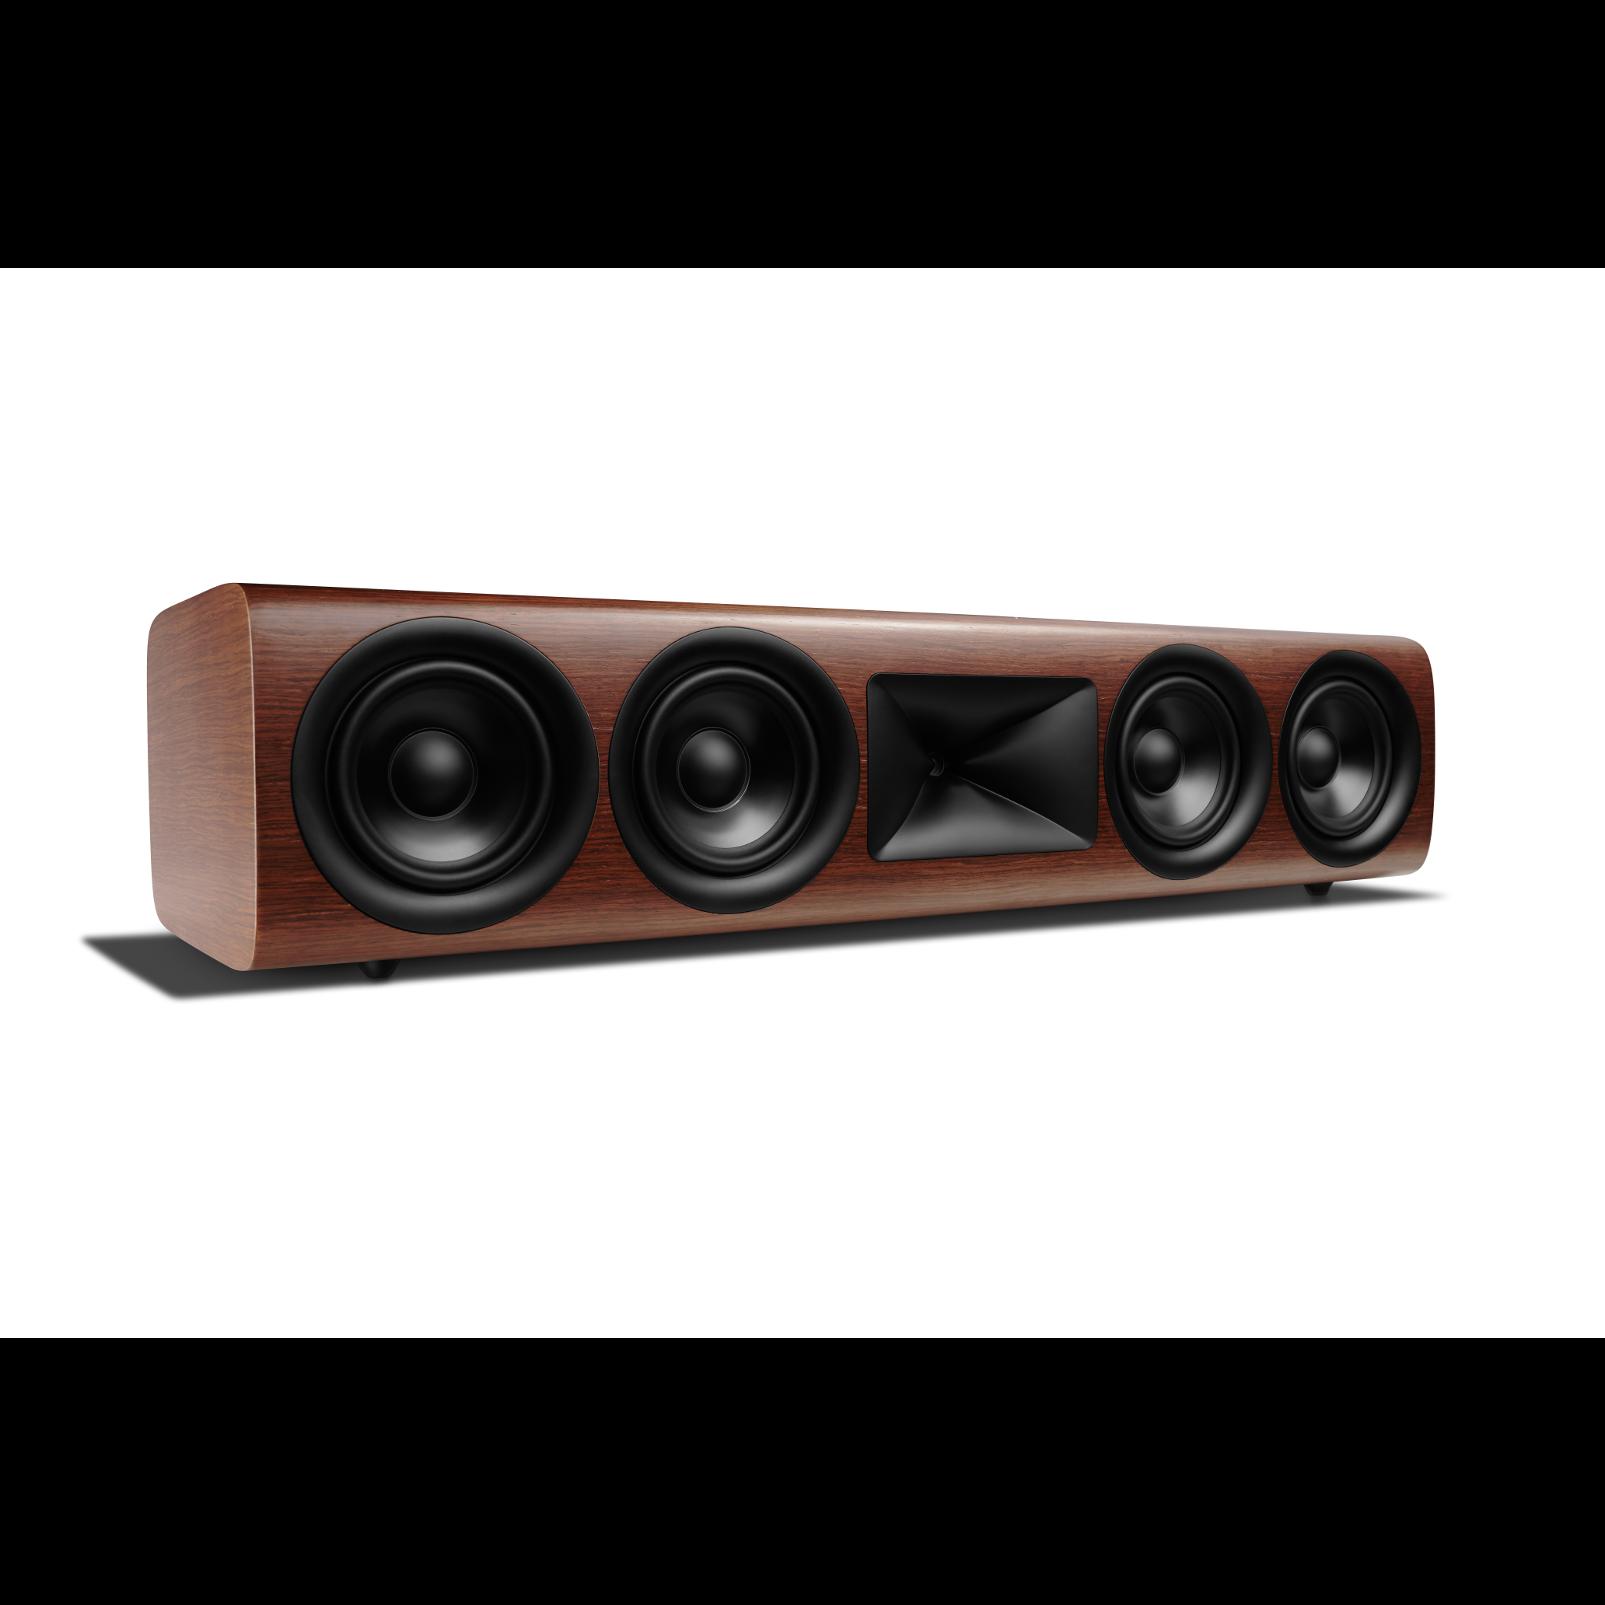 HDI-4500 - Walnut - 2 ½-way Quadruple 5.25-inch (130mm) Center Channel Loudspeaker - Left